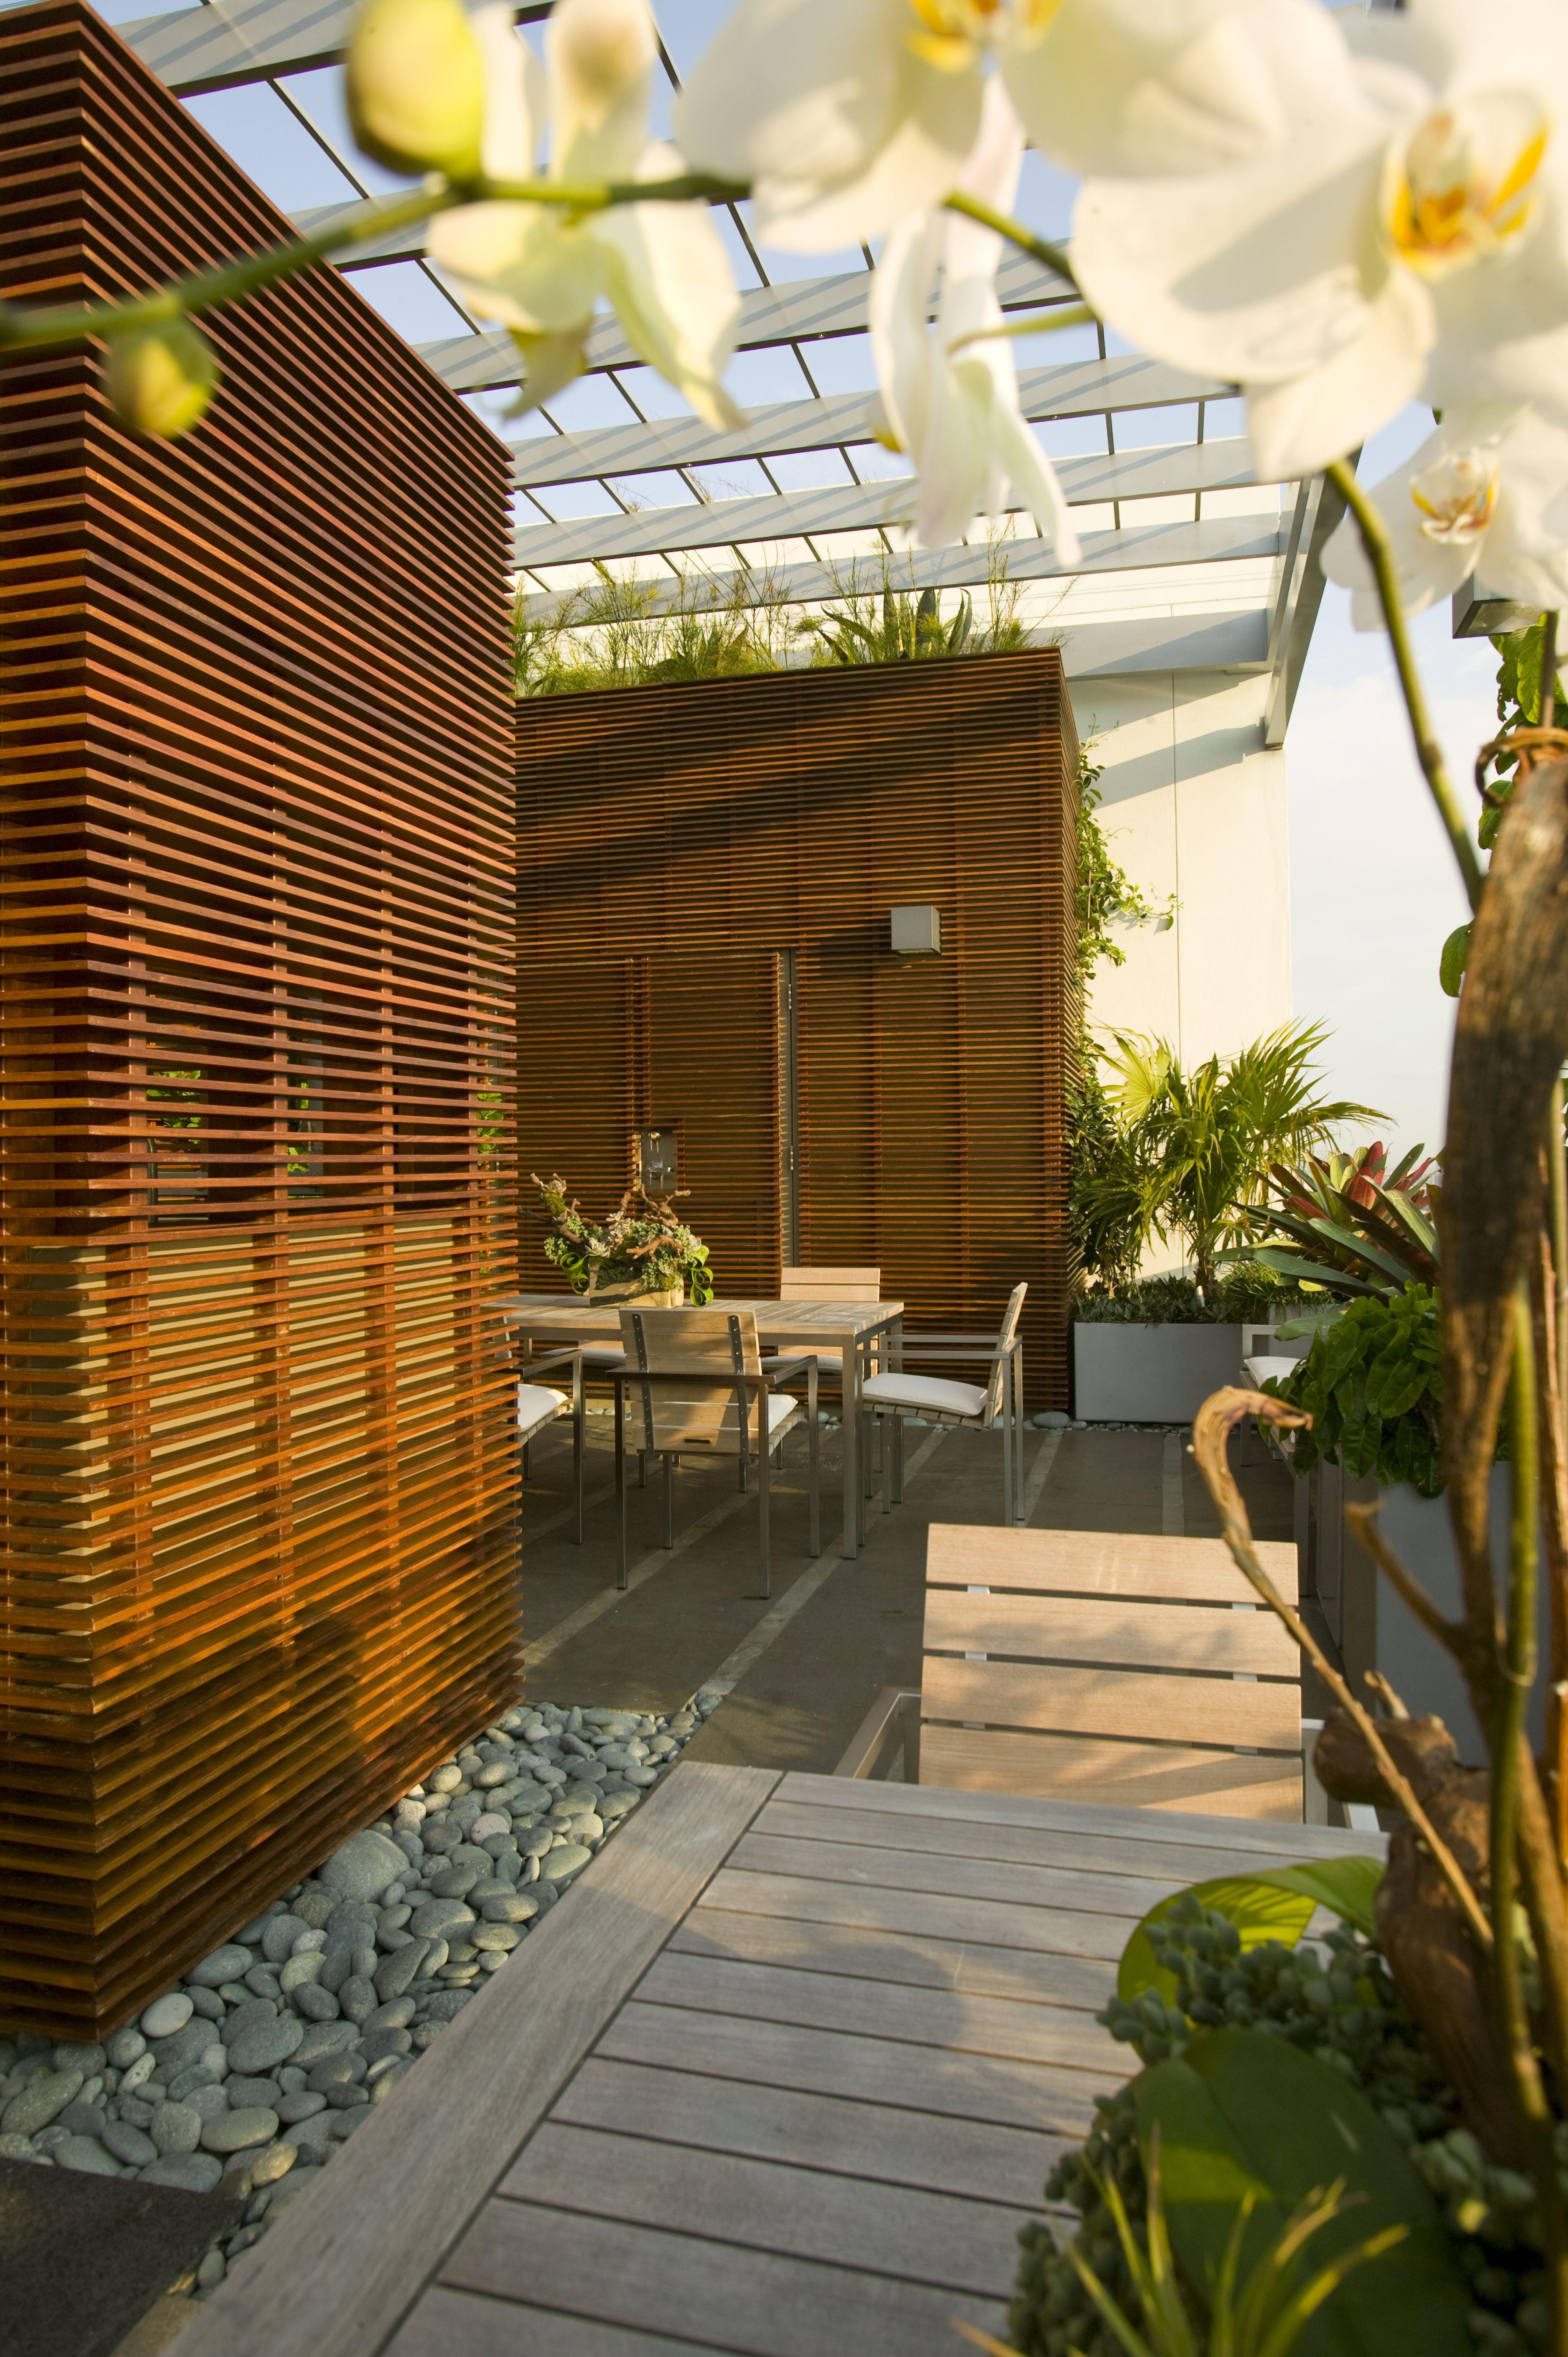 Dachterrasse Gestalten Stadtoase Wasserspielen Miami: Anlegen